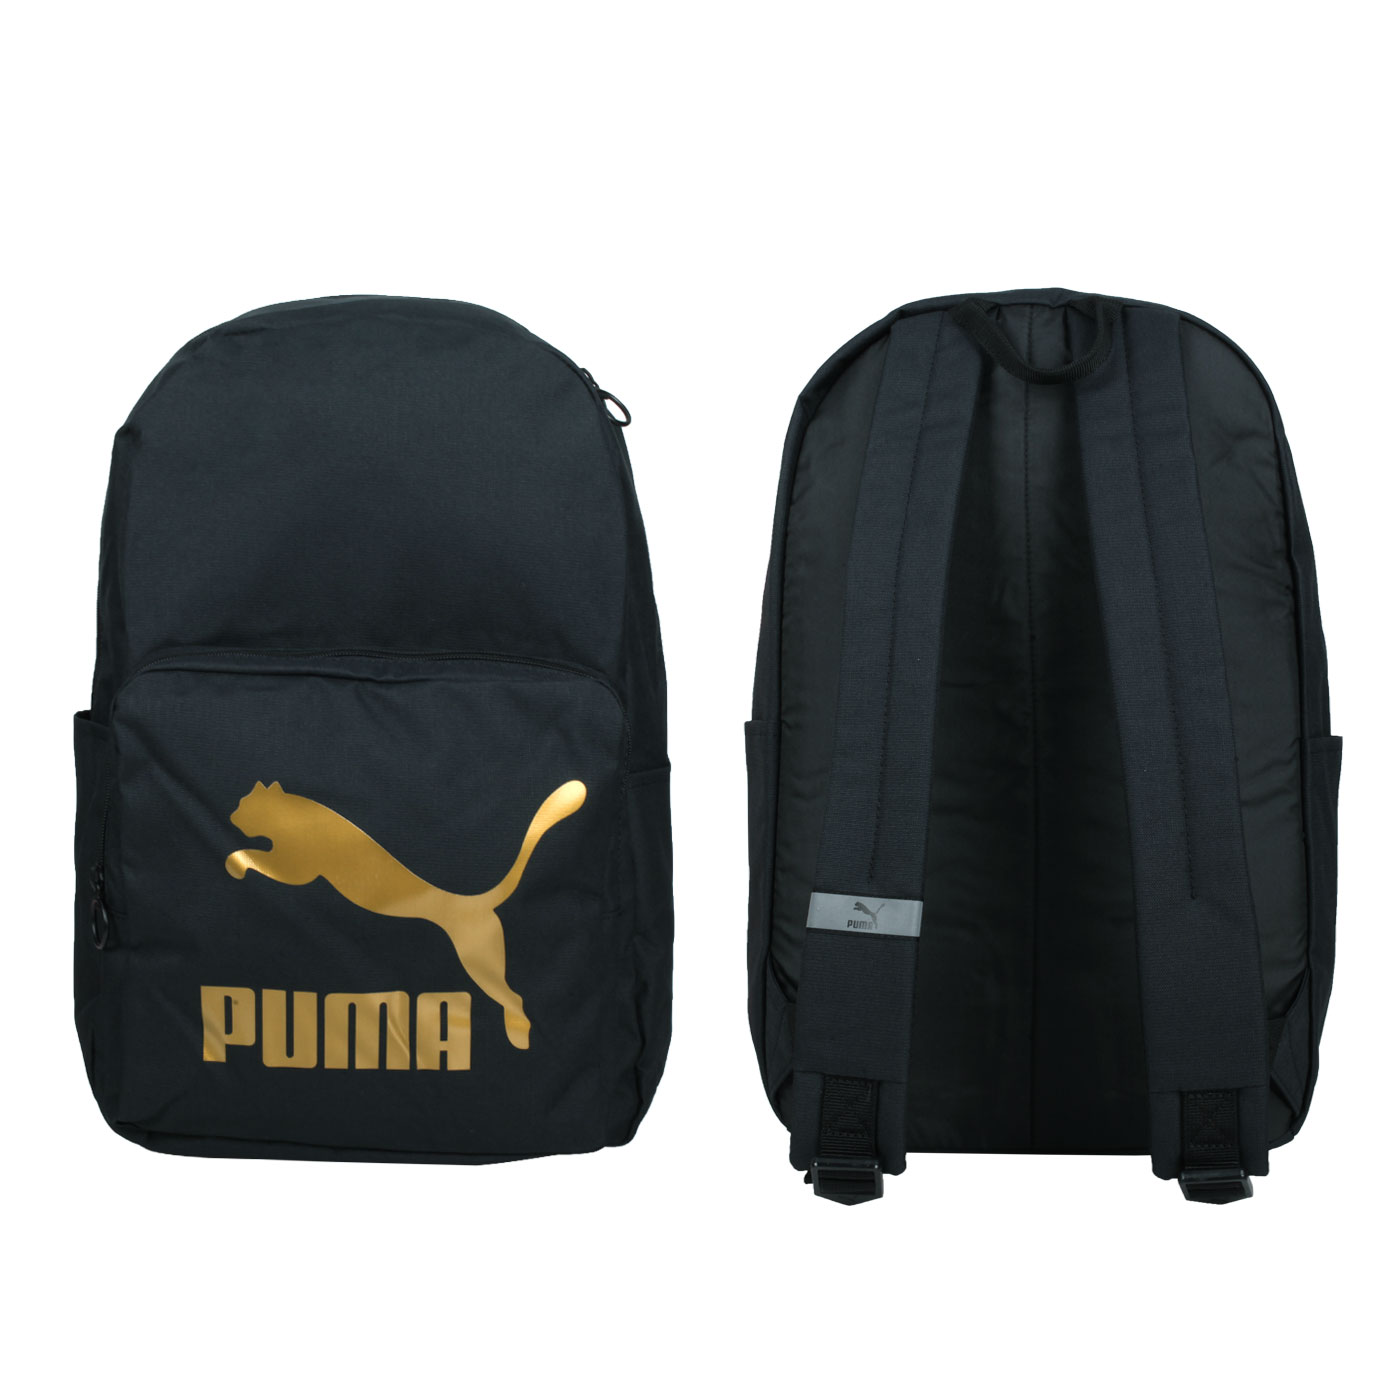 PUMA 大型後背包 07800401